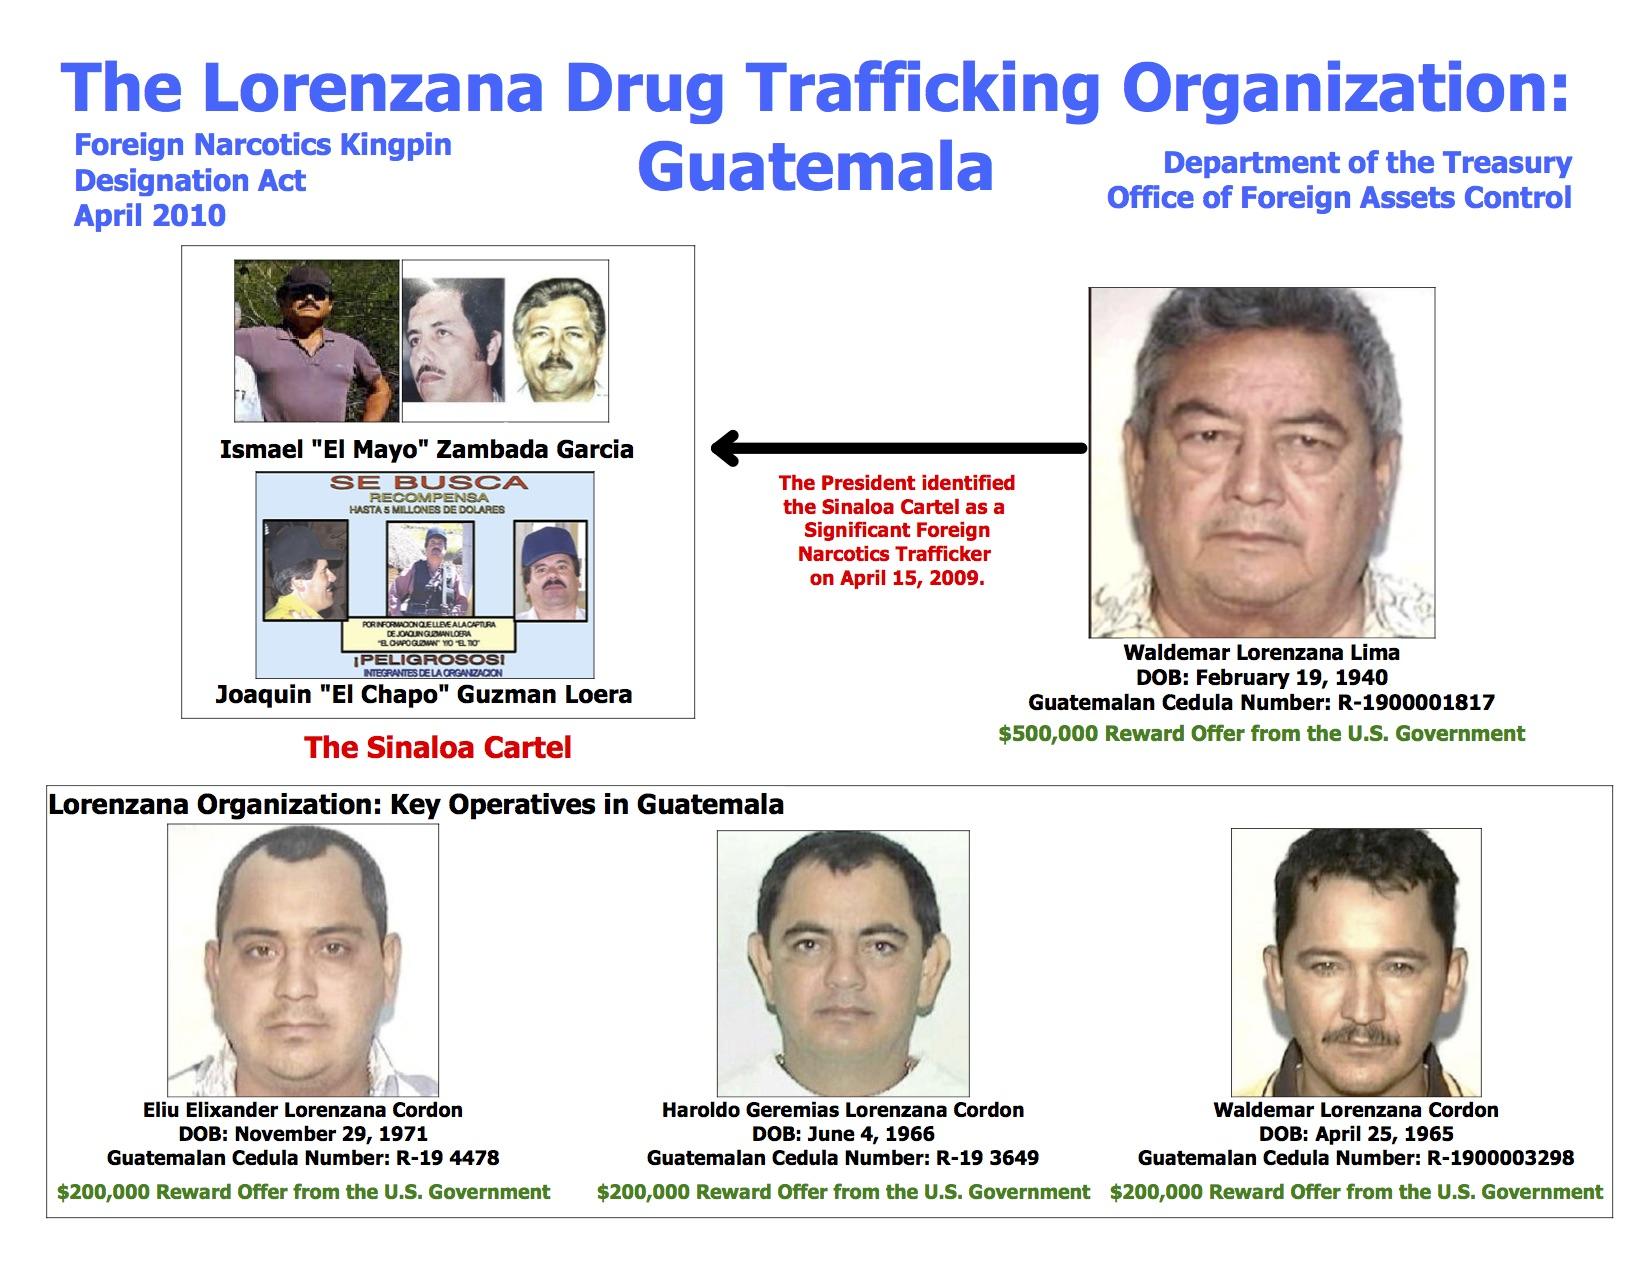 15-02-27-guatemala-lorenzana-org-chart-us-treasury 1